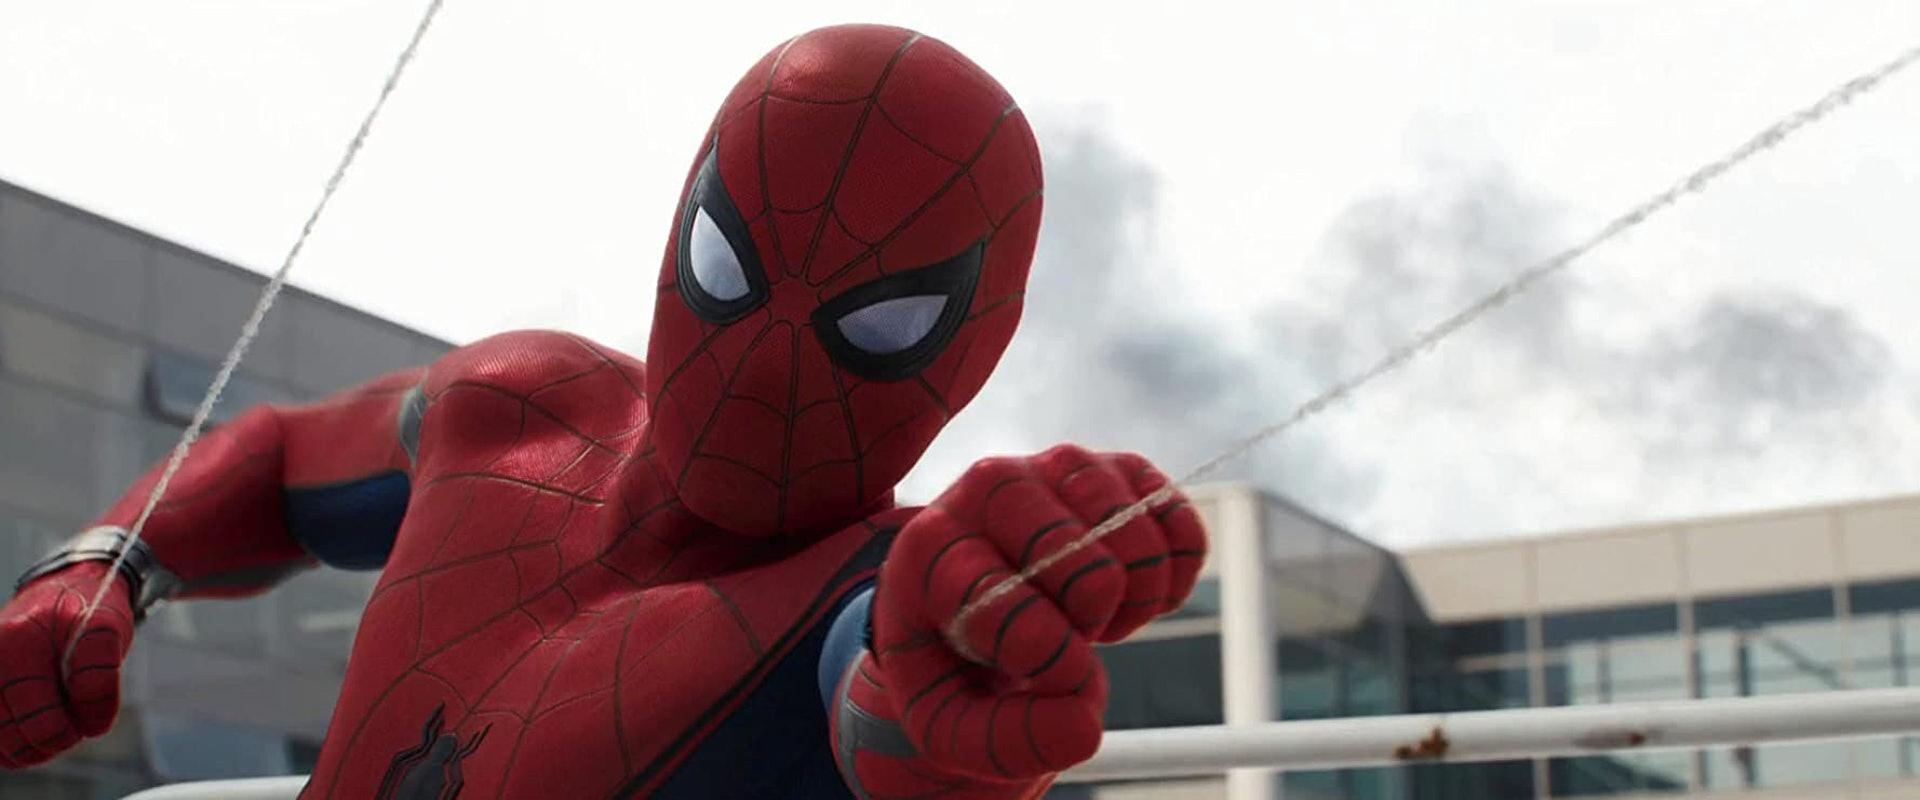 湯賀蘭在2015年獲Marvel Studios選中成為蜘蛛俠。(《美國隊長3:英雄內戰》劇照)